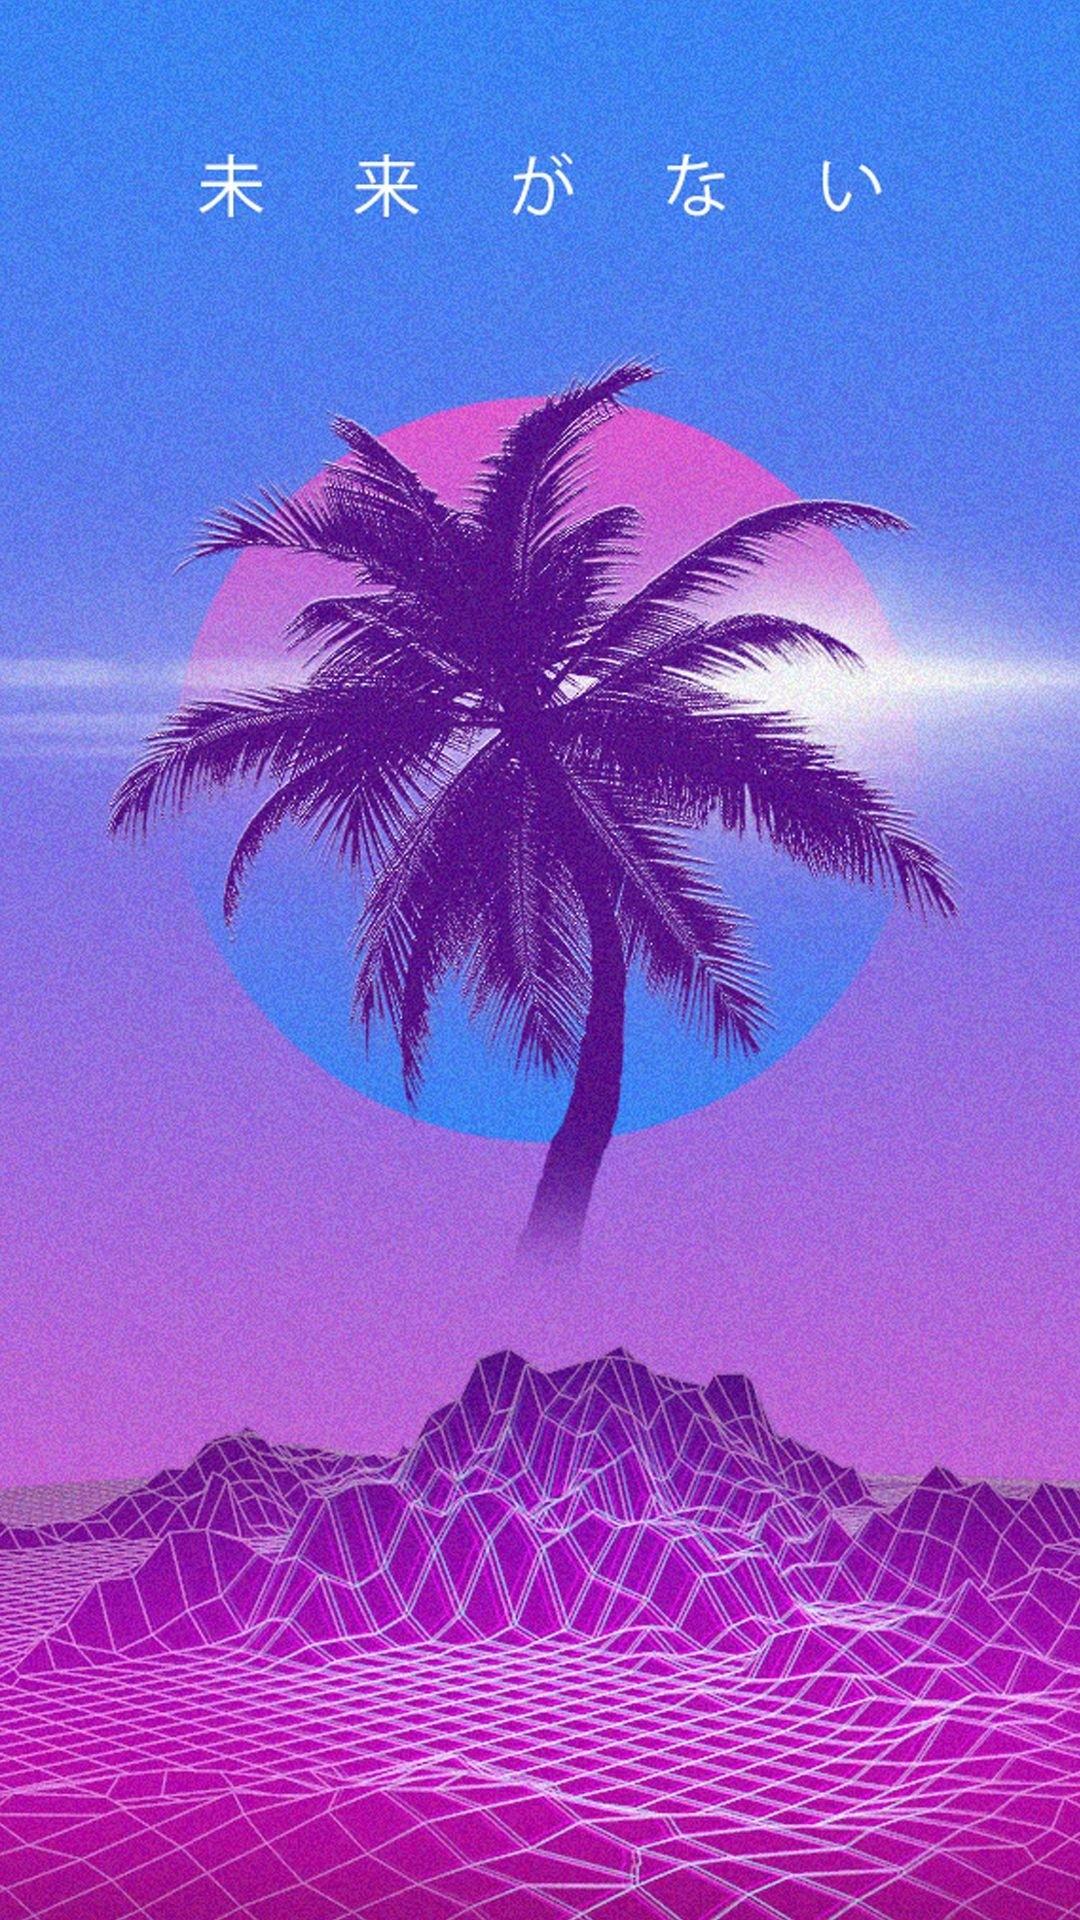 Vaporwave iPhone wallpaper